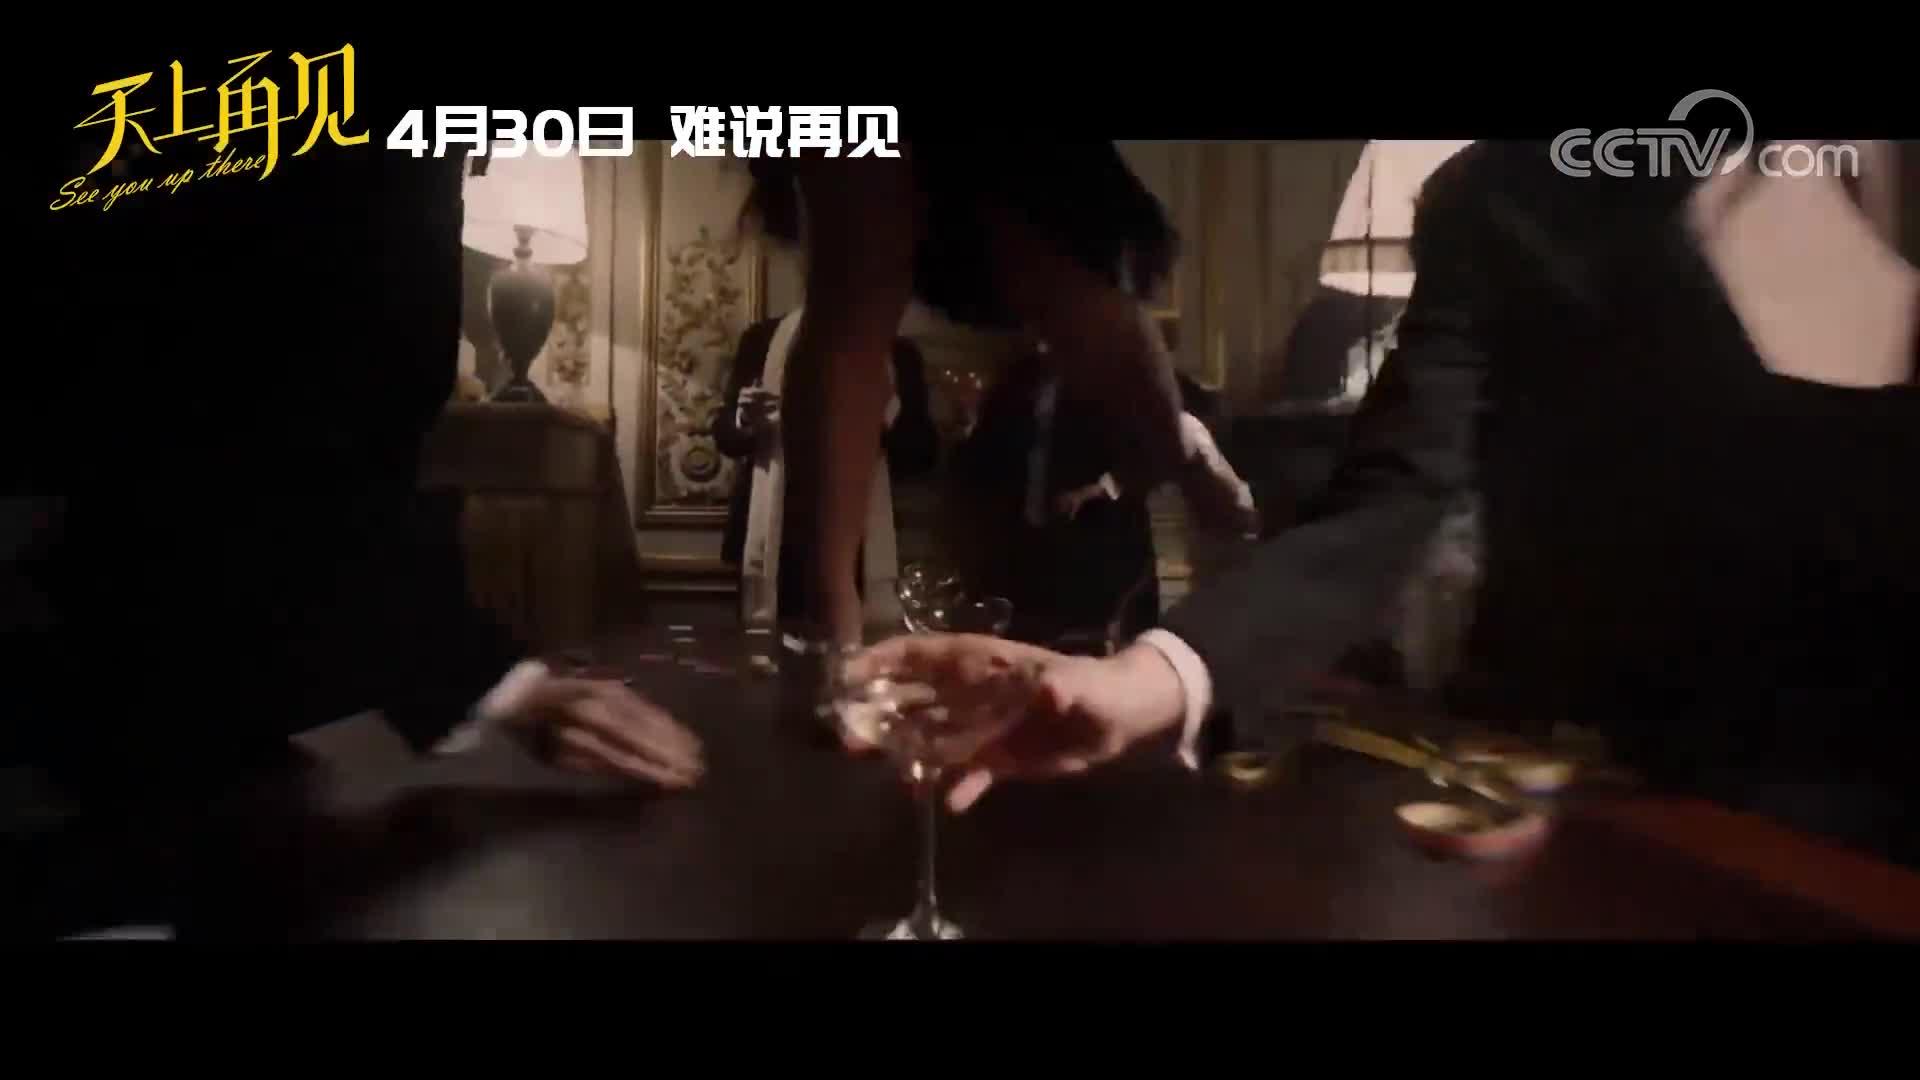 [视频]《天上再见》曝审判之夜片段 揭开战争背后人性假面